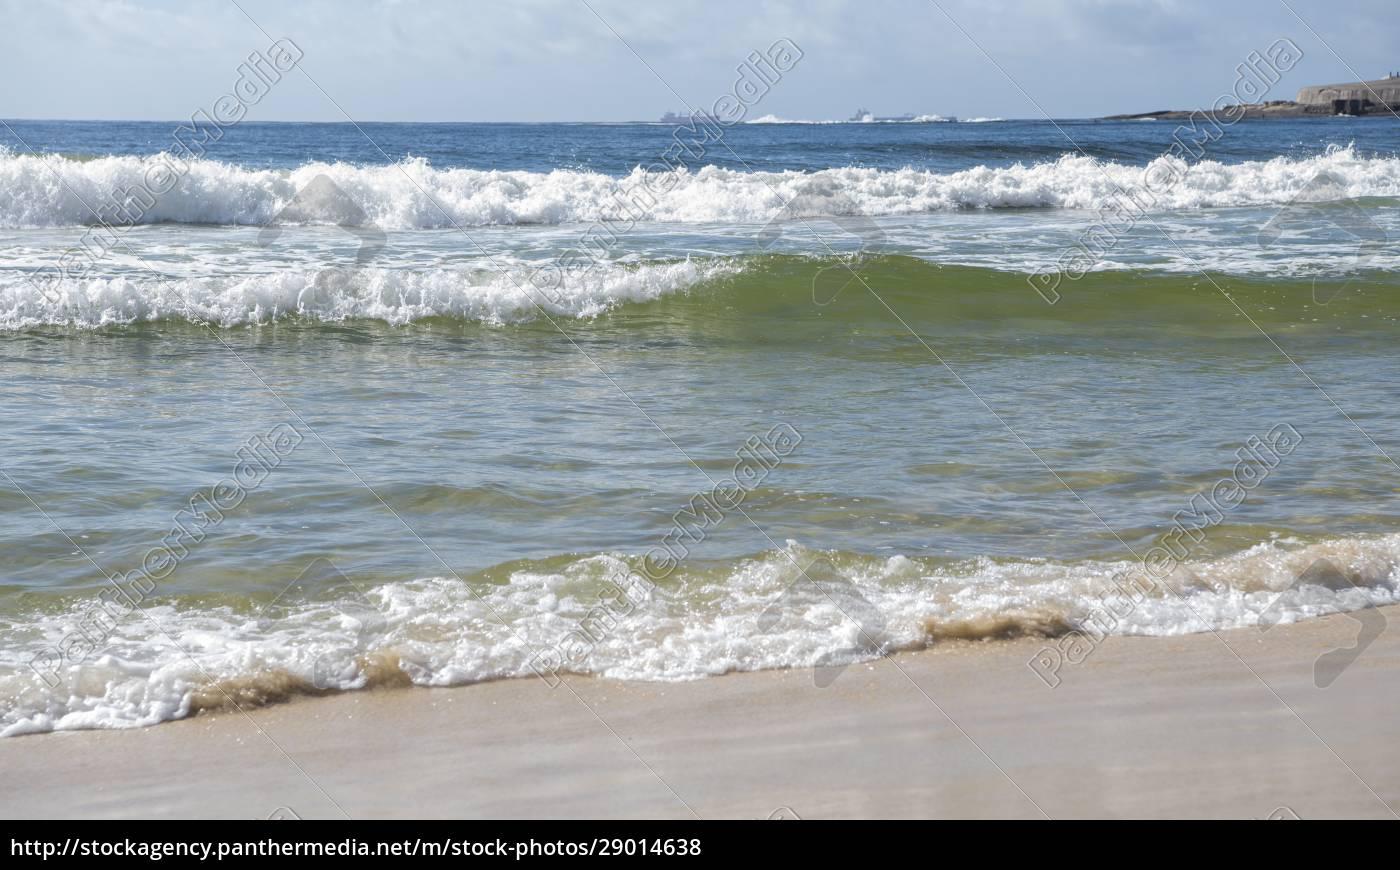 ocean, surf, on, the, beach, of - 29014638